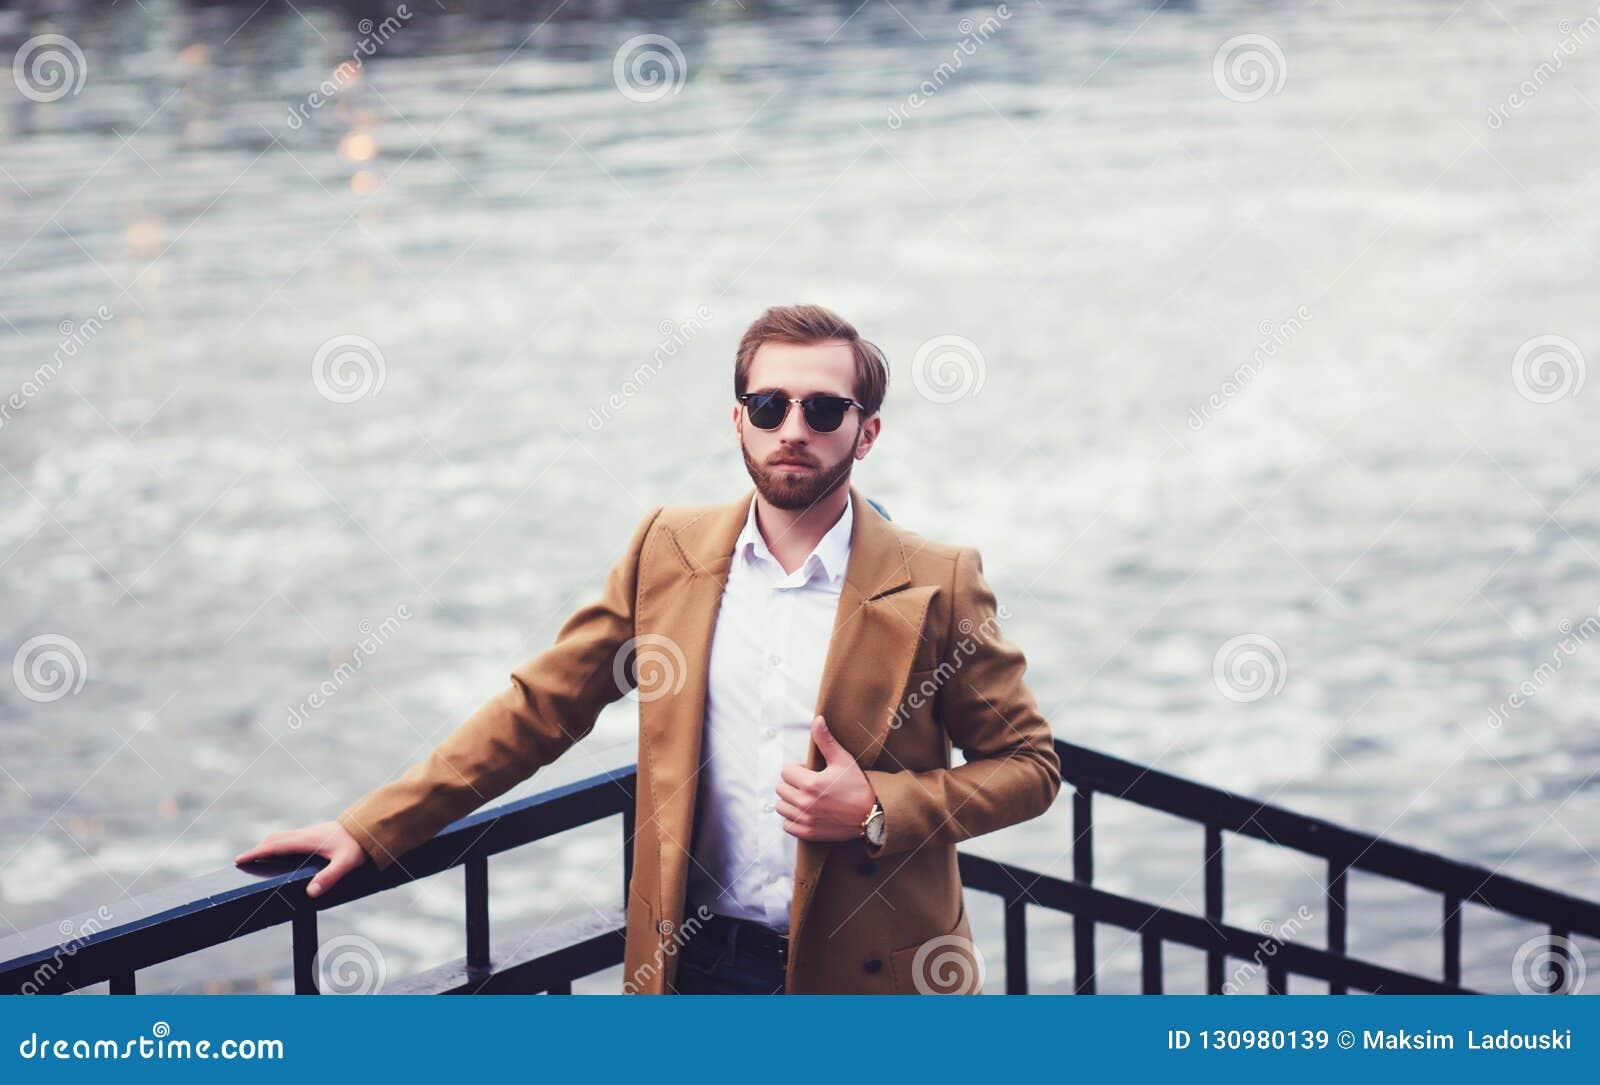 Homme élégant avec une barbe dans un manteau